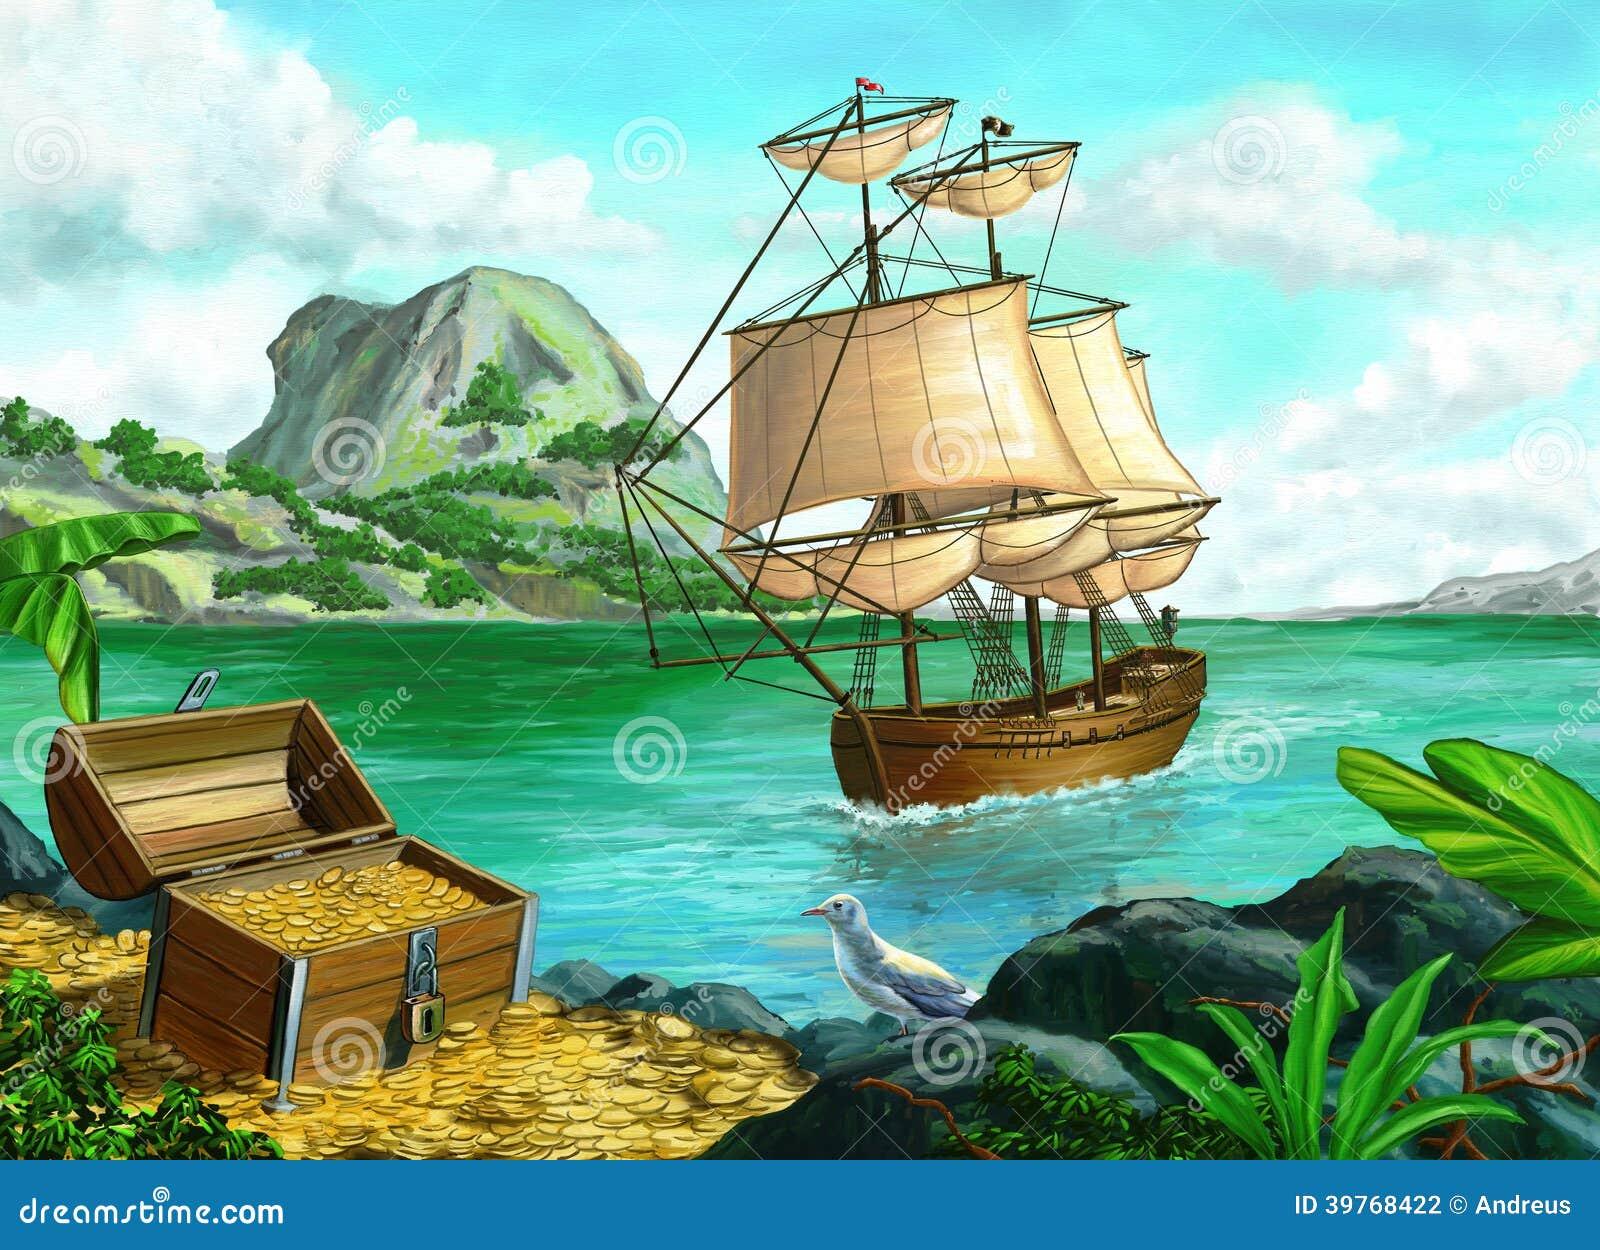 Île De Pirate Illustration Stock. Illustration Du Paume